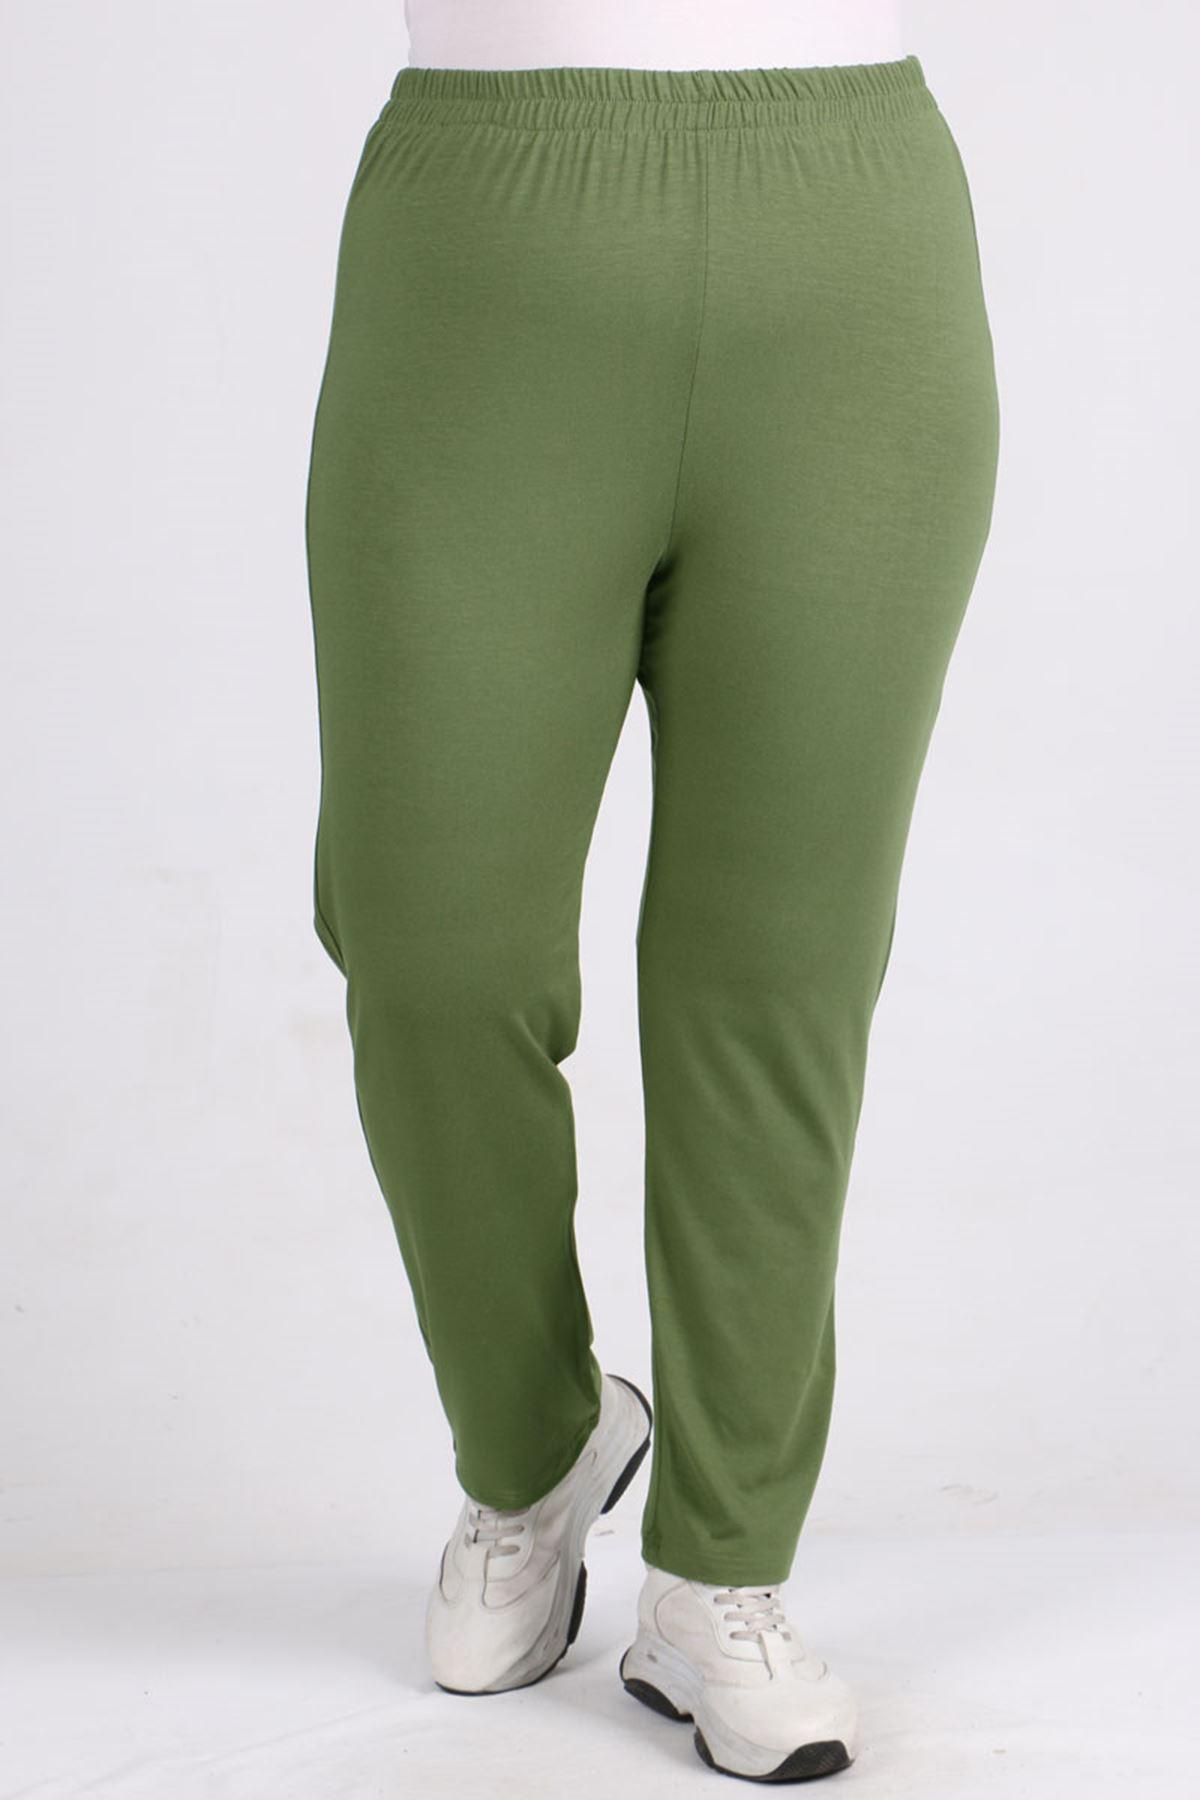 9057 Büyük Beden Yüksel Bel Lastikli Penye Pantalon - Yeşil